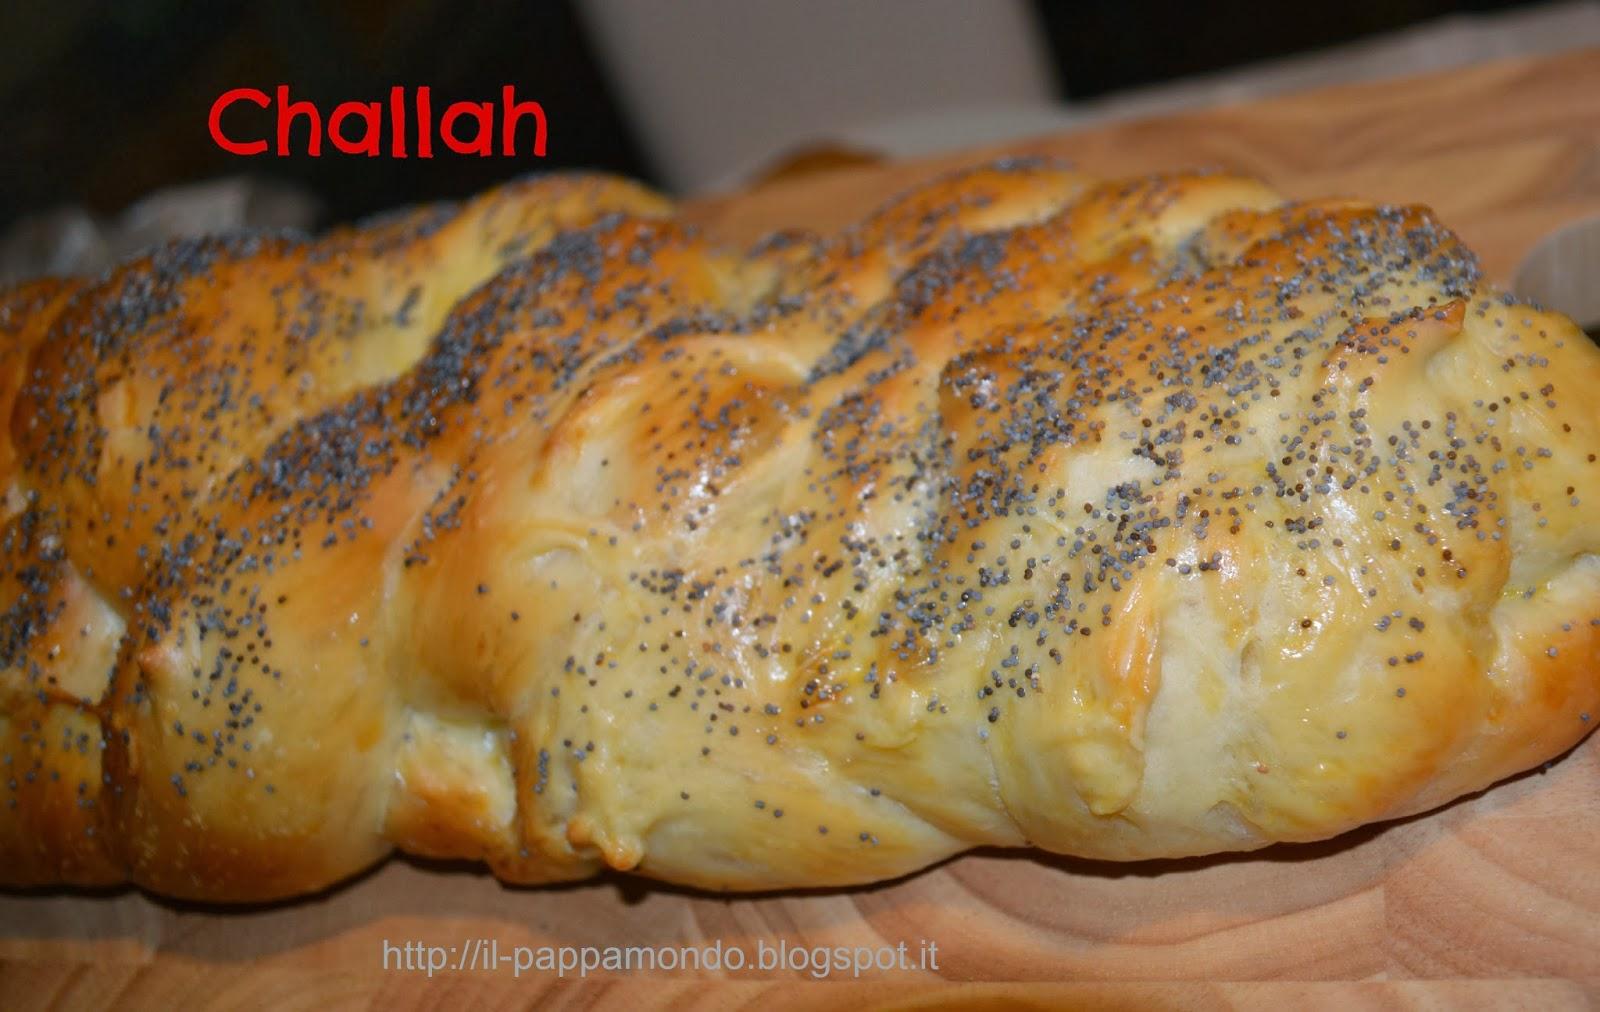 challah - il pane ebraico